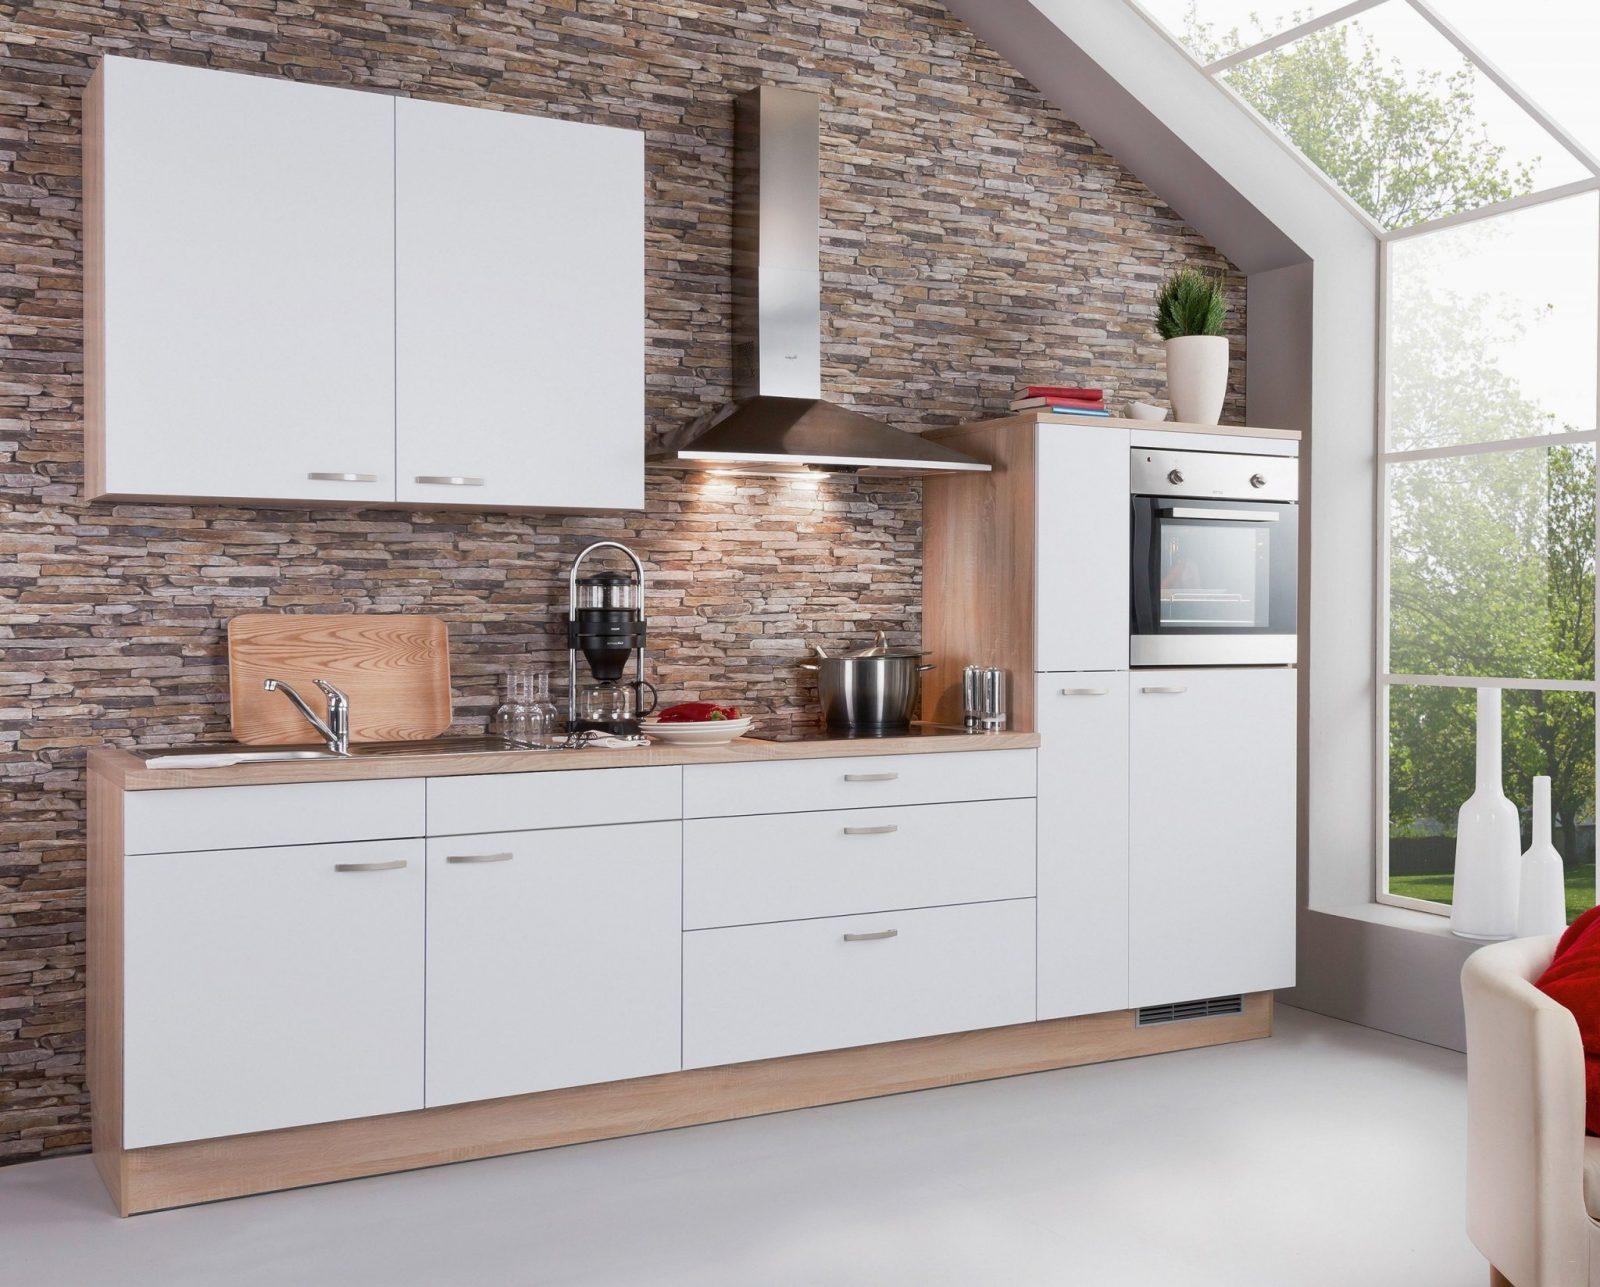 Einzigartig Küchen Eckschrank Mit Rondell  Home Image Ideen von Eckschrank Küche Selber Bauen Photo